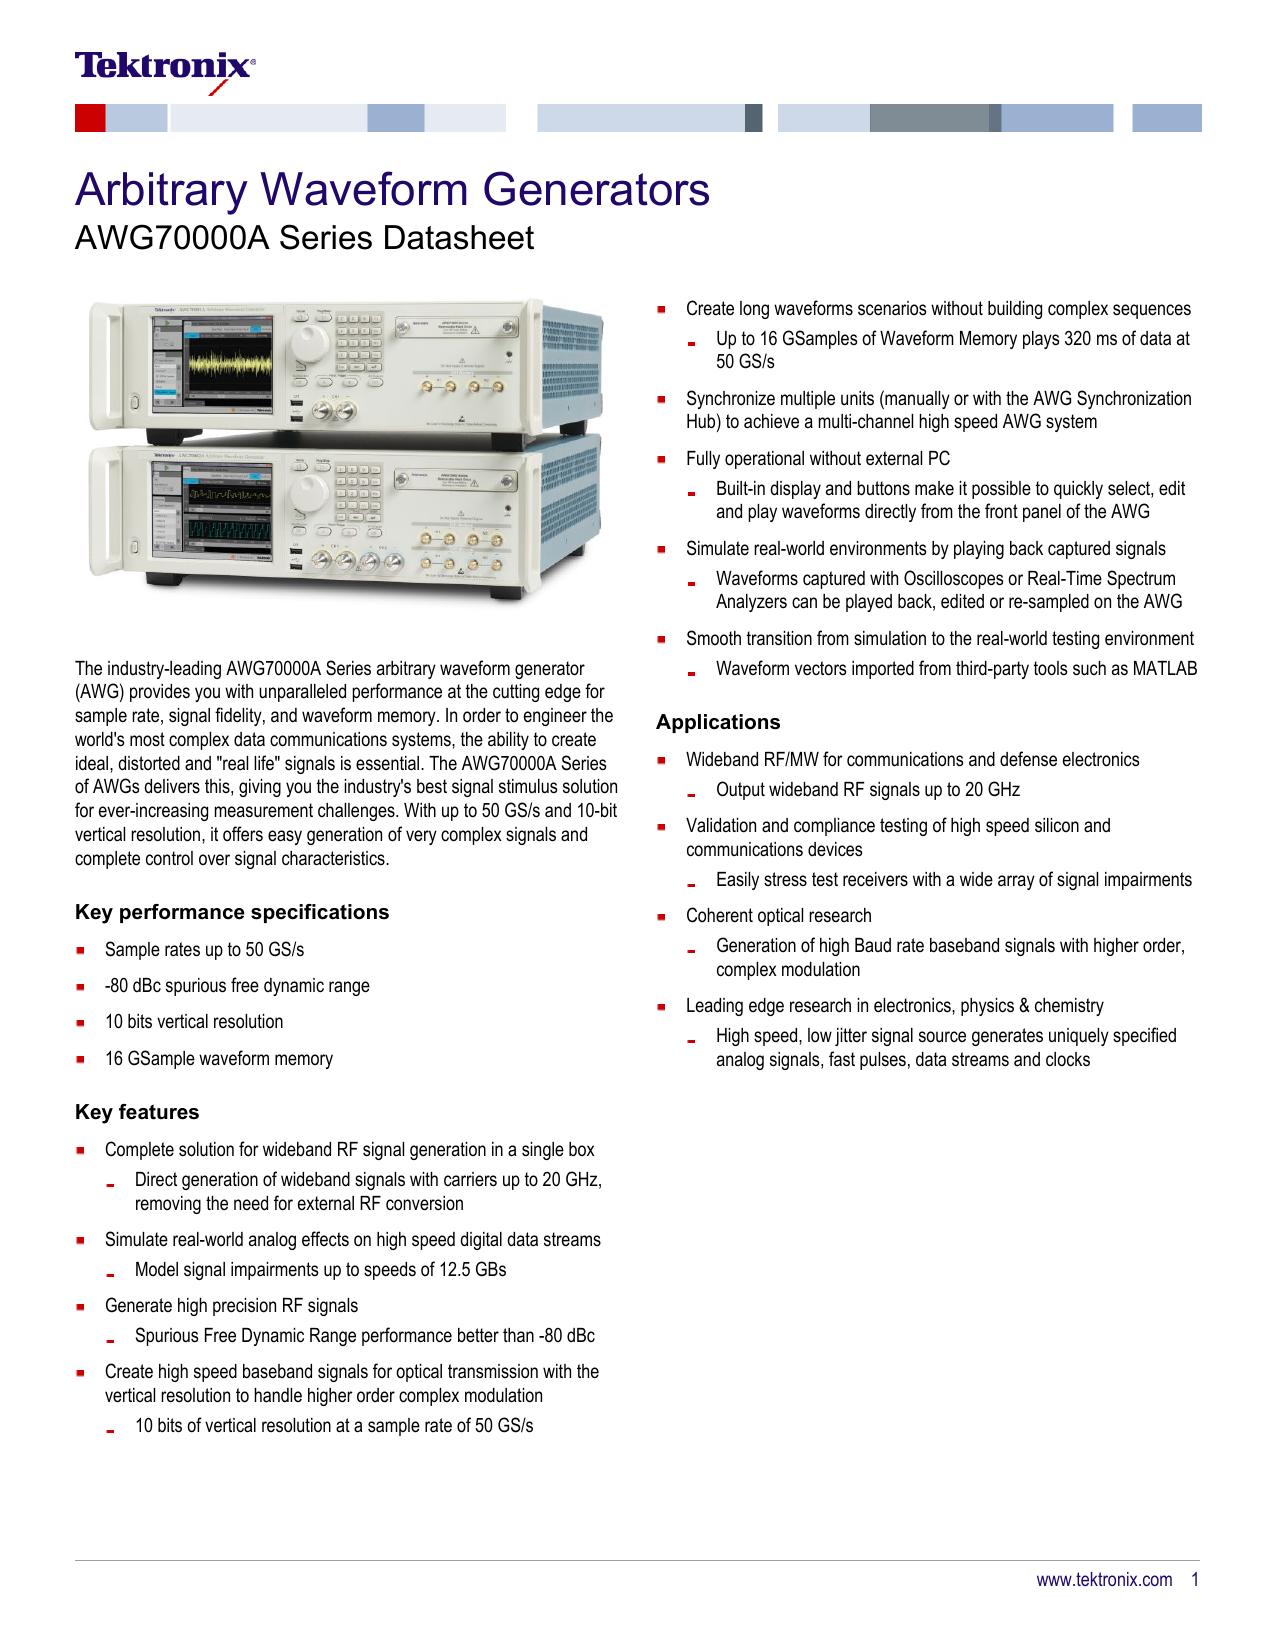 AWG70000A Arbitrary Waveform Generator Datasheet | manualzz com